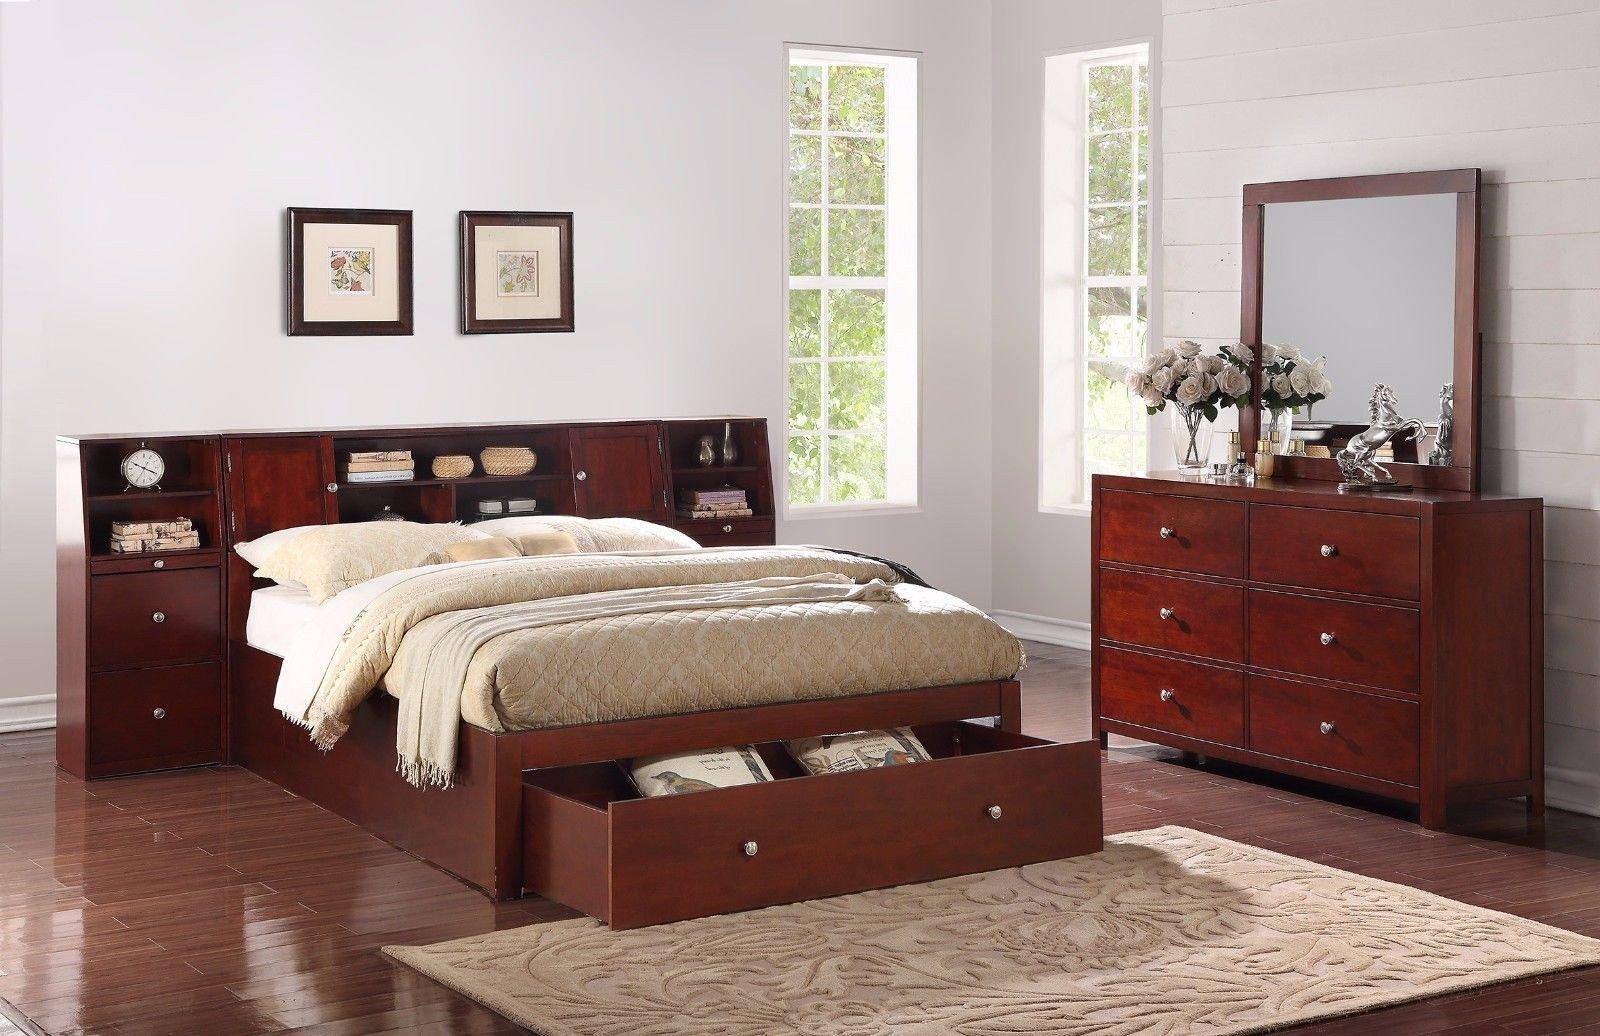 Home Furniture Bedroom Set Inspirational Bedroom 4pc Set Queen Bed W Storage Drawer Shelf Nightstand